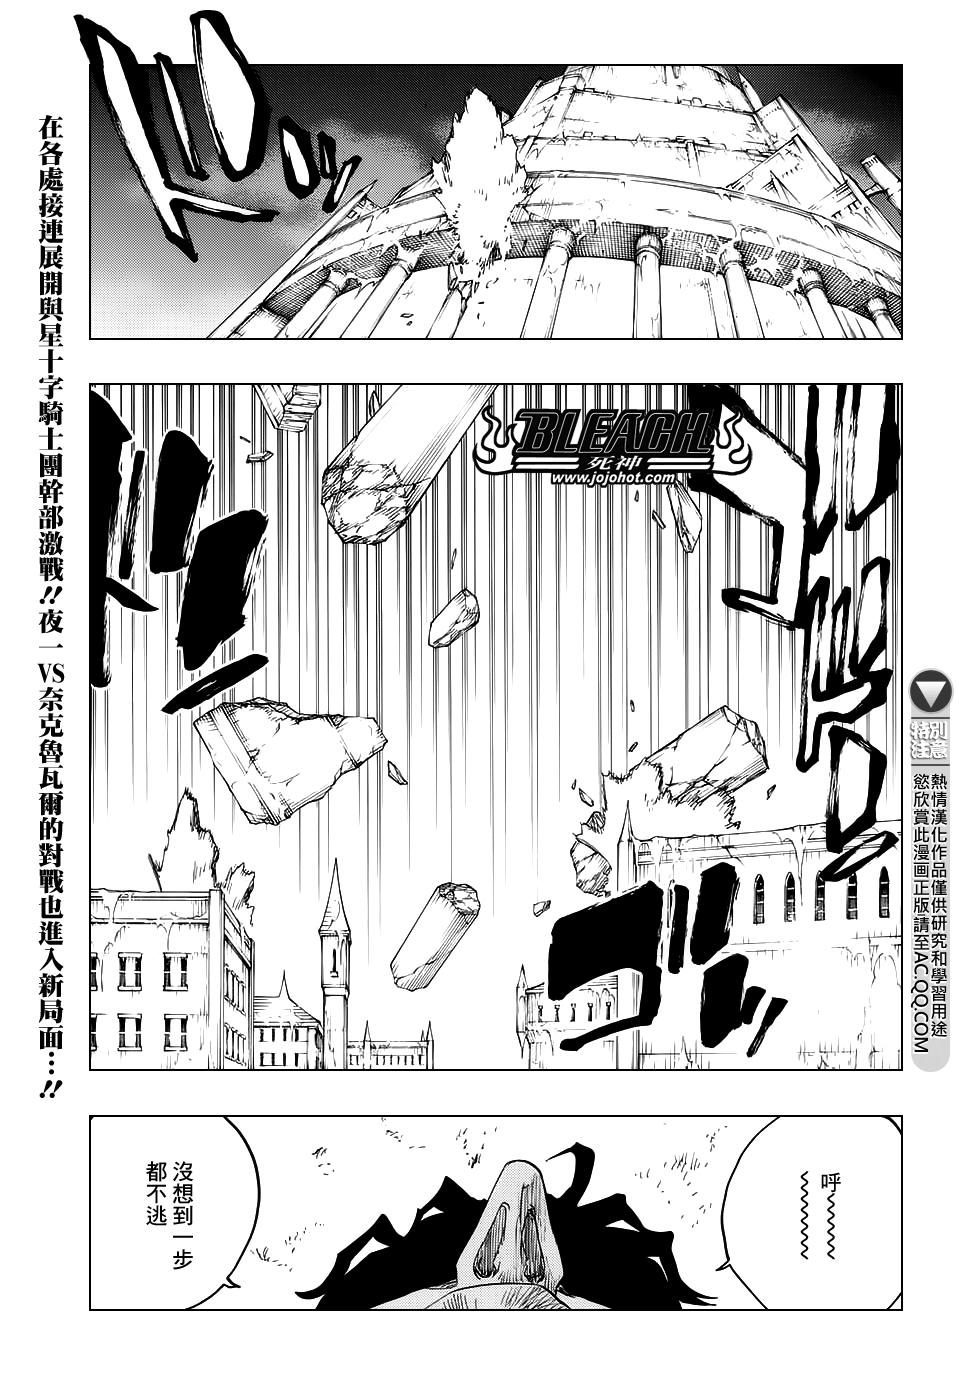 第662話「雷神③!」